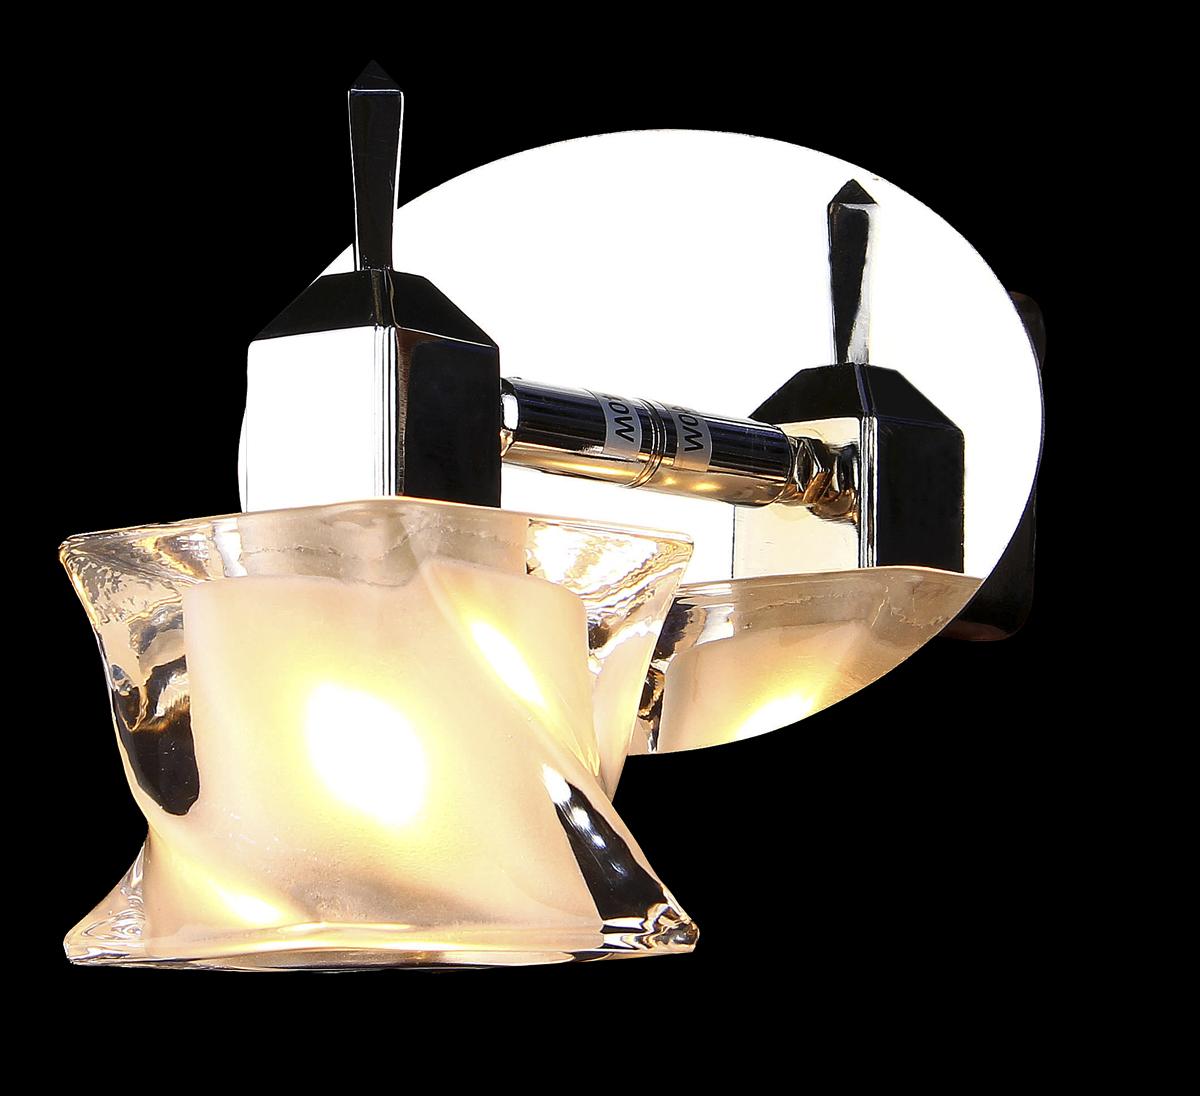 Светильник настенный Natali Kovaltseva, 1 x G9, 40W. 10753/1ROSE 11462/8C GREENНастенный светильник Natali Kovaltseva станет украшениемвашей комнаты и оригинально дополнит интерьер. Изделиекрепится к стене. Такой светильник отлично подойдет дляосвещения кабинета, столовой, спальни или гостиной.Основание изделия выполнено из металла с хромированнымпокрытием, плафон изготовлен из стекла рельефной формы. В коллекциях Natali Kovaltseva представлены разные стили - отклассики до хайтека. Дизайн и технологическаясоставляющая продукции разрабатывается в R&D центрекомпании, который находится в г. Дюссельдорф, Германия.При производстве продукции используютсявысококачественные и эксклюзивные материалы: хрустальASFOR, муранское стекло, перламутр, 24-каратное золото,бронза. Производство светильников соответствует стандартусистемы менеджмента качества ISO 9001-2000. На всюпродукцию ТМ Natali Kovaltseva распространяется гарантия.